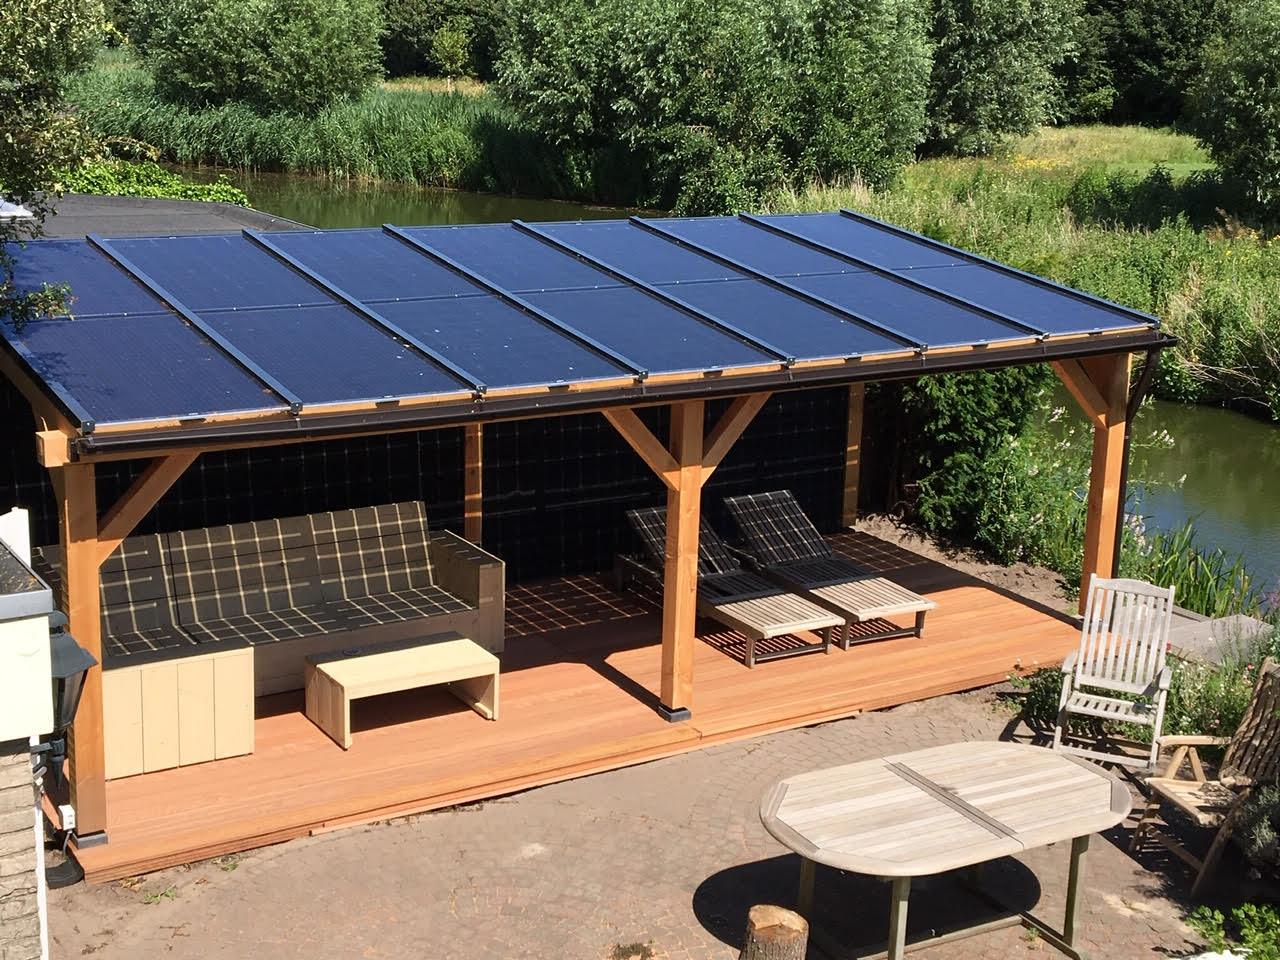 Lariks / Douglas zonnepanelen veranda 7 x 3,4 meter